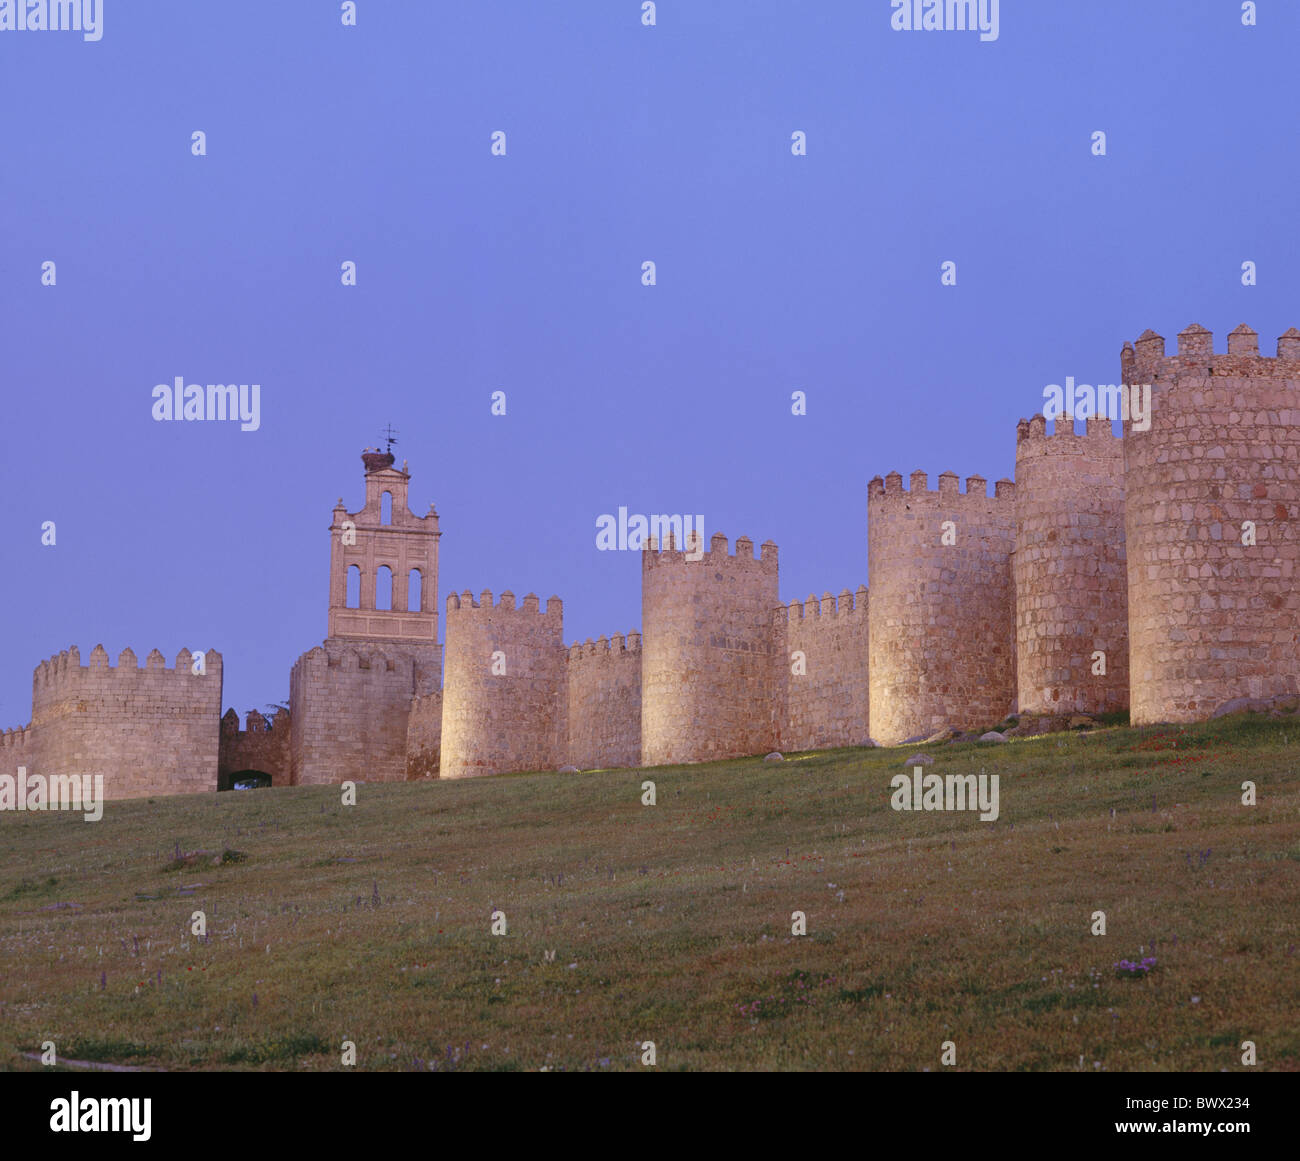 Illuminazione di Avila città medievale parete Spagna Europa Immagini Stock